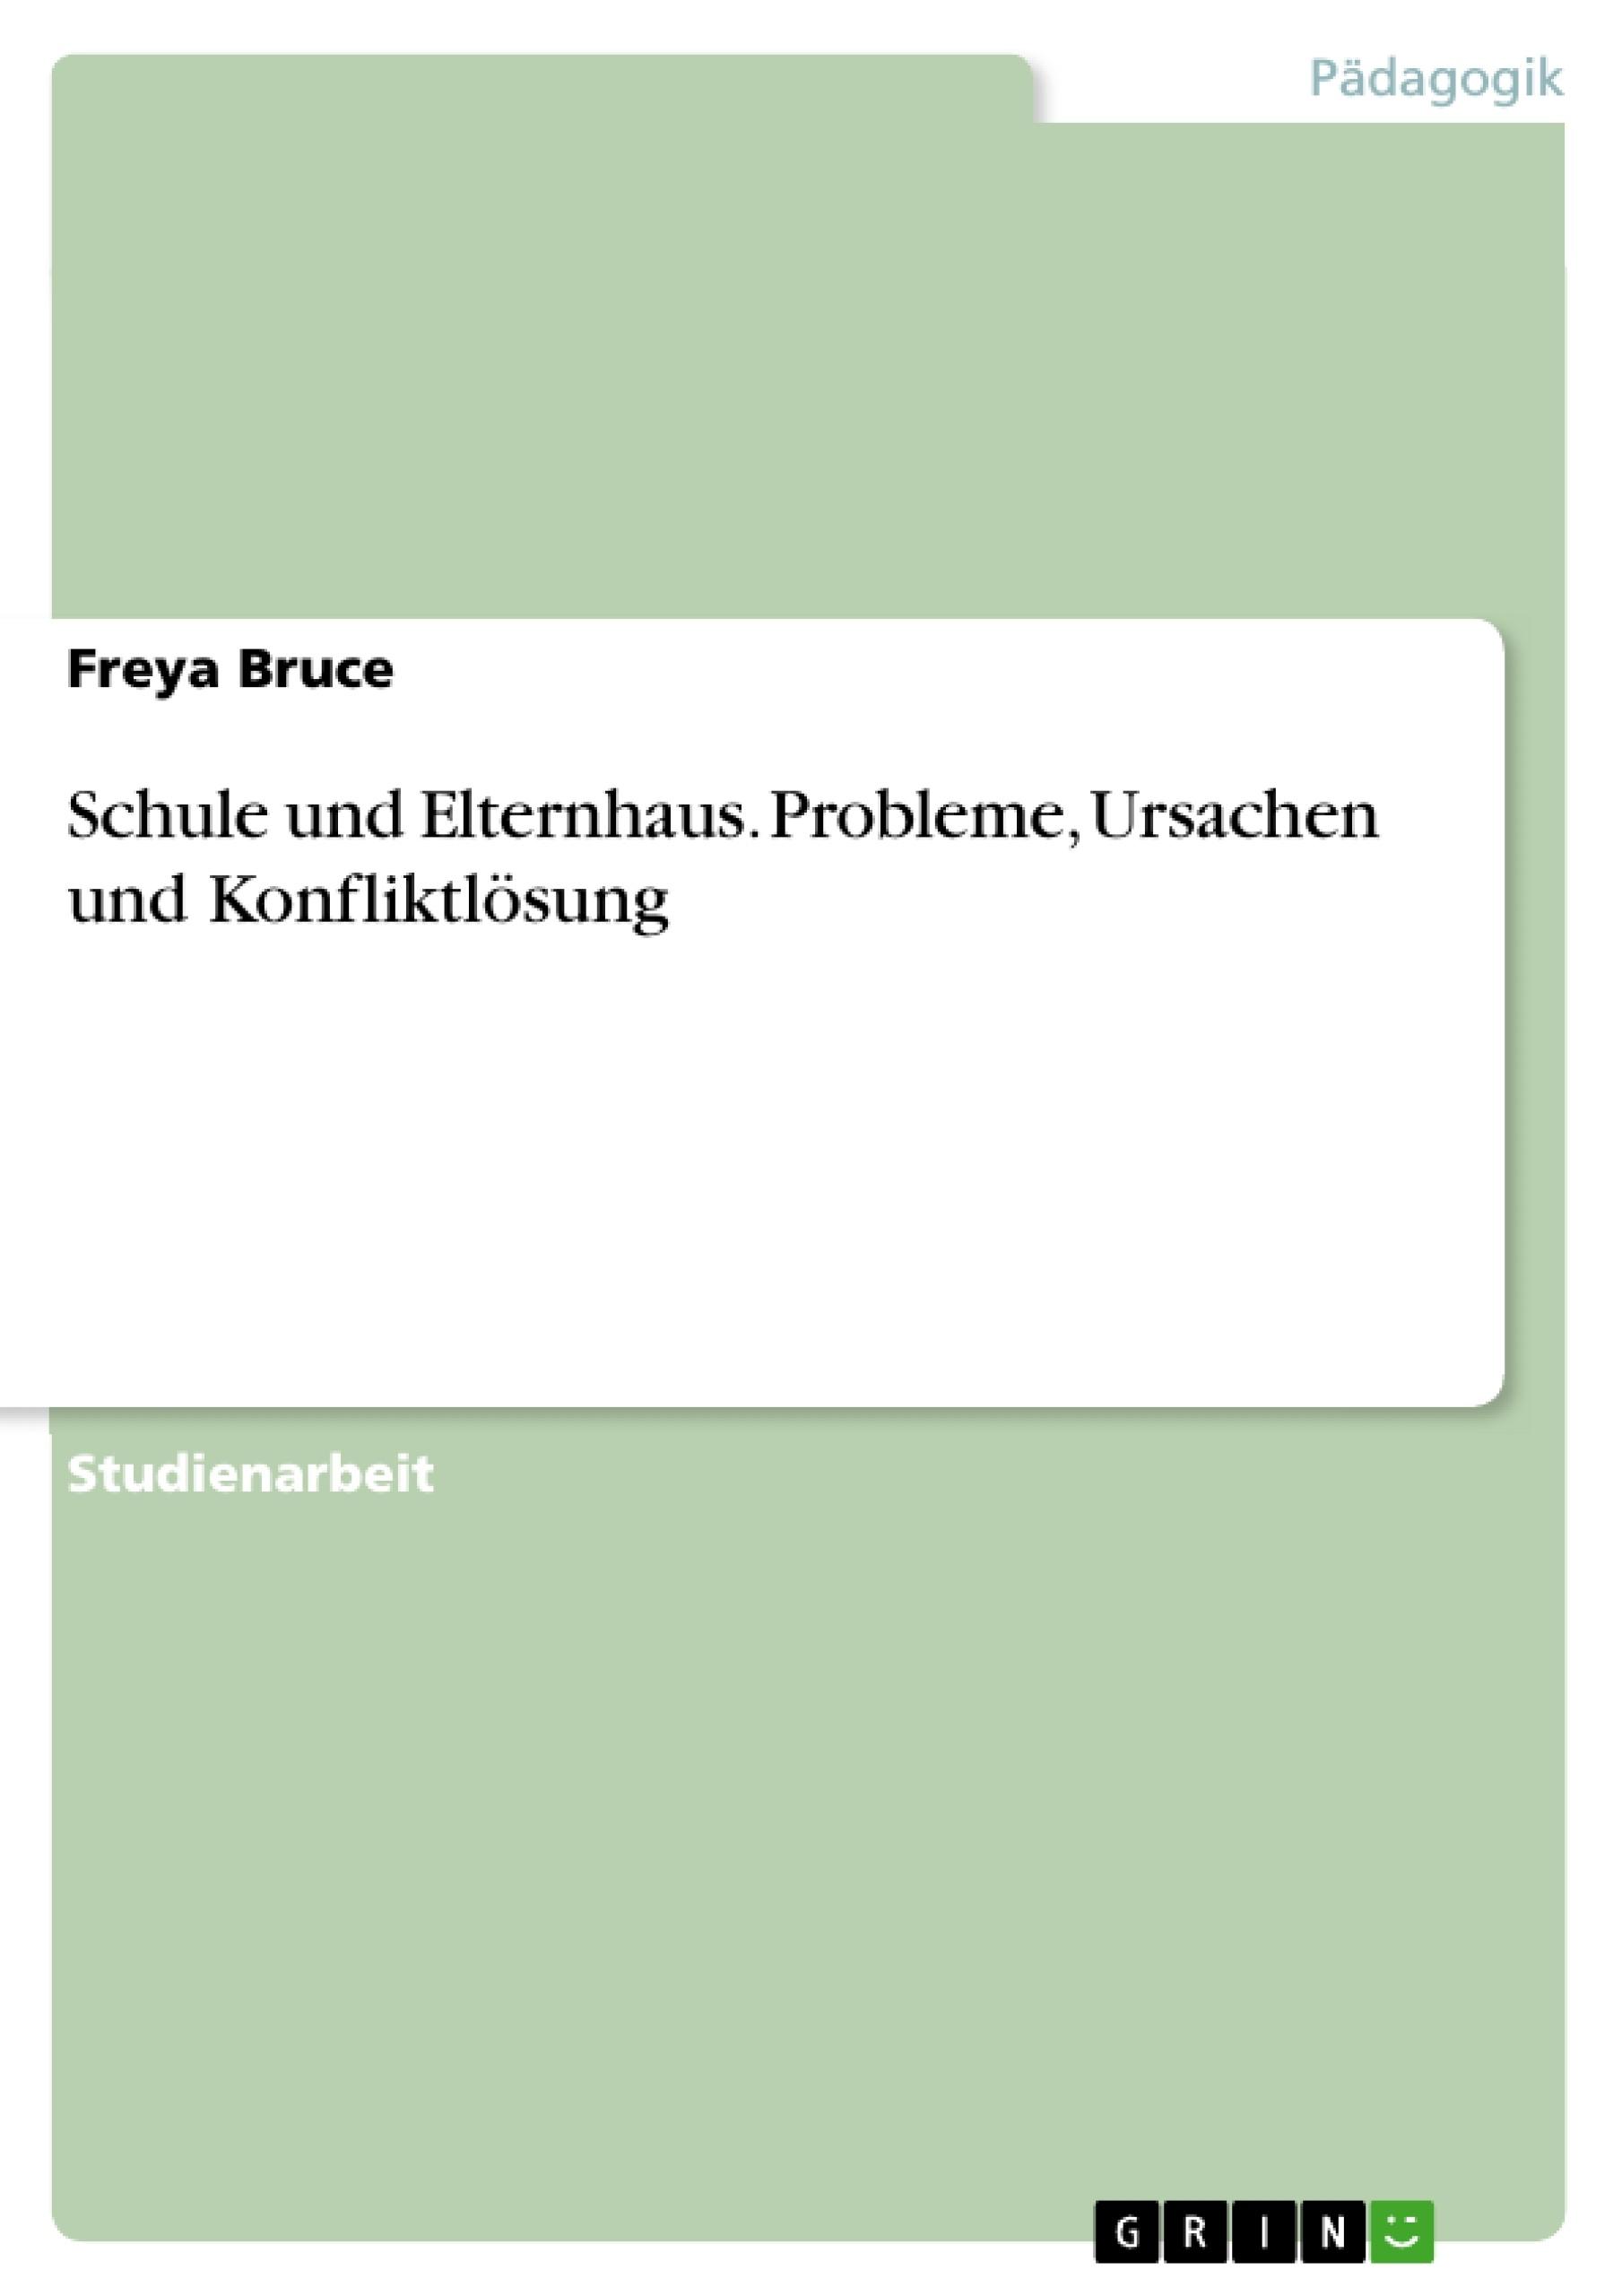 Titel: Schule und Elternhaus. Probleme, Ursachen und Konfliktlösung